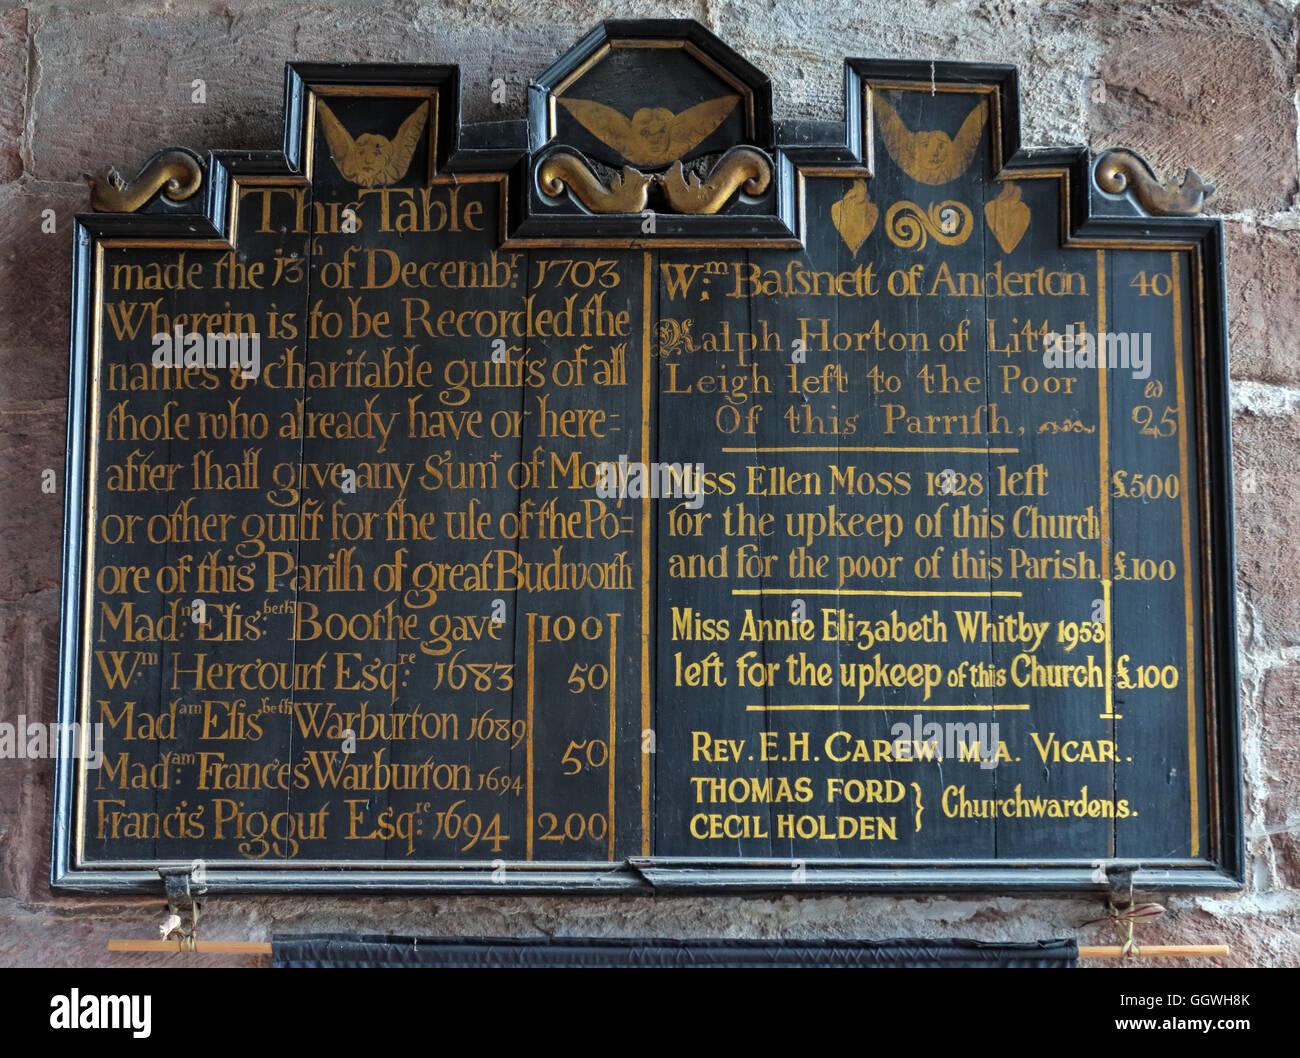 Laden Sie dieses Alamy Stockfoto St Marys & alle Heiligen Kirche Gt Budworth Interieur, Cheshire, England, UK-Charitable Geschenke board - GGWH8K